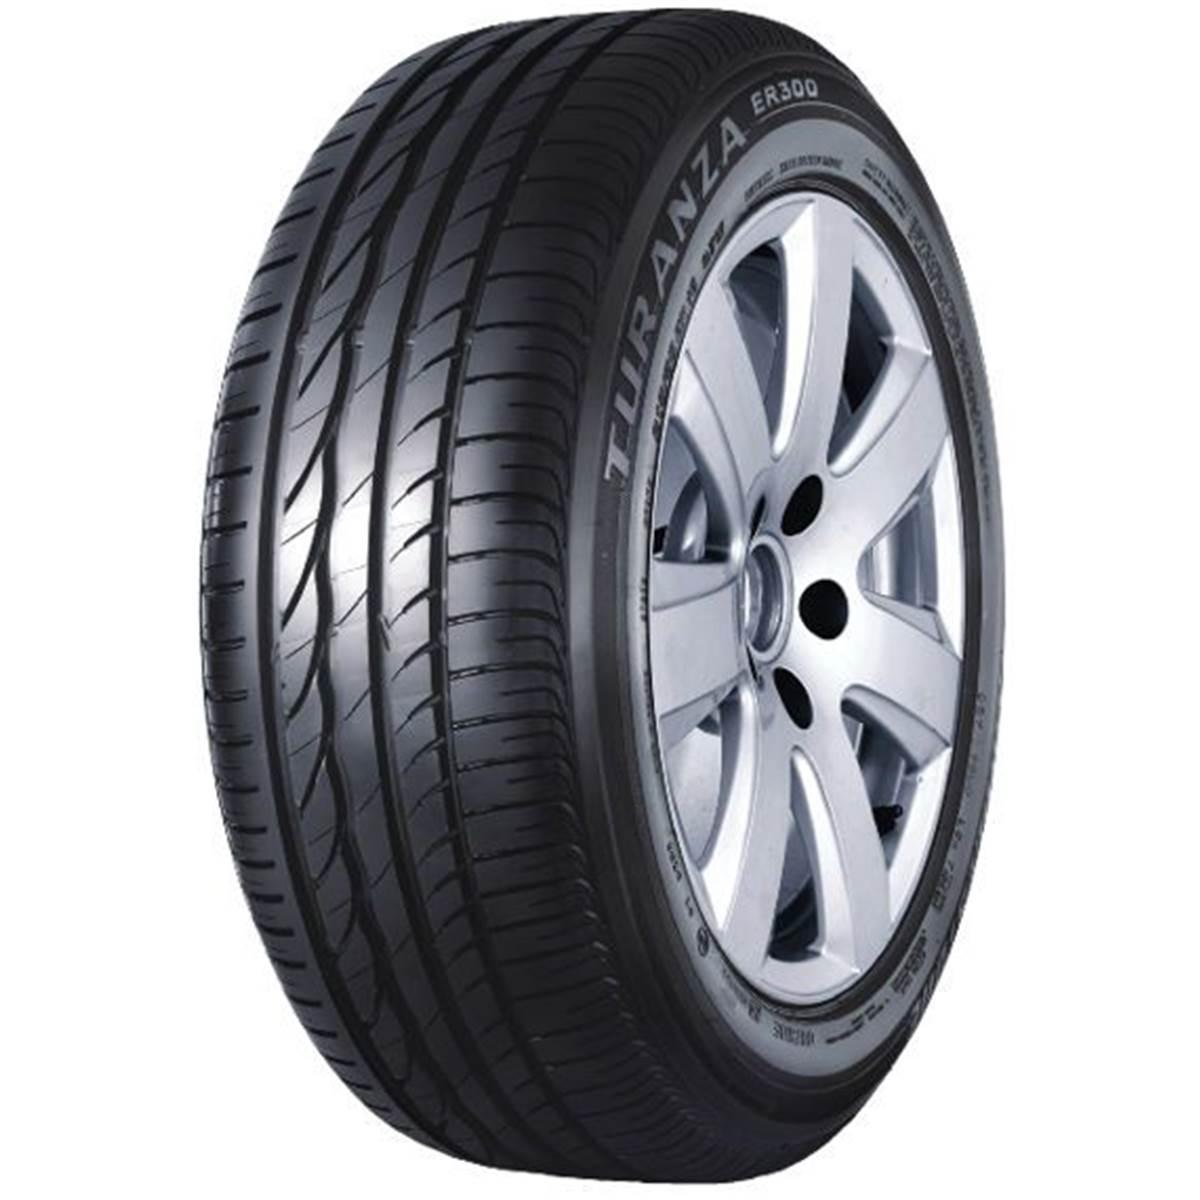 Pneu Bridgestone 205/55R16 91H Turanza Er300